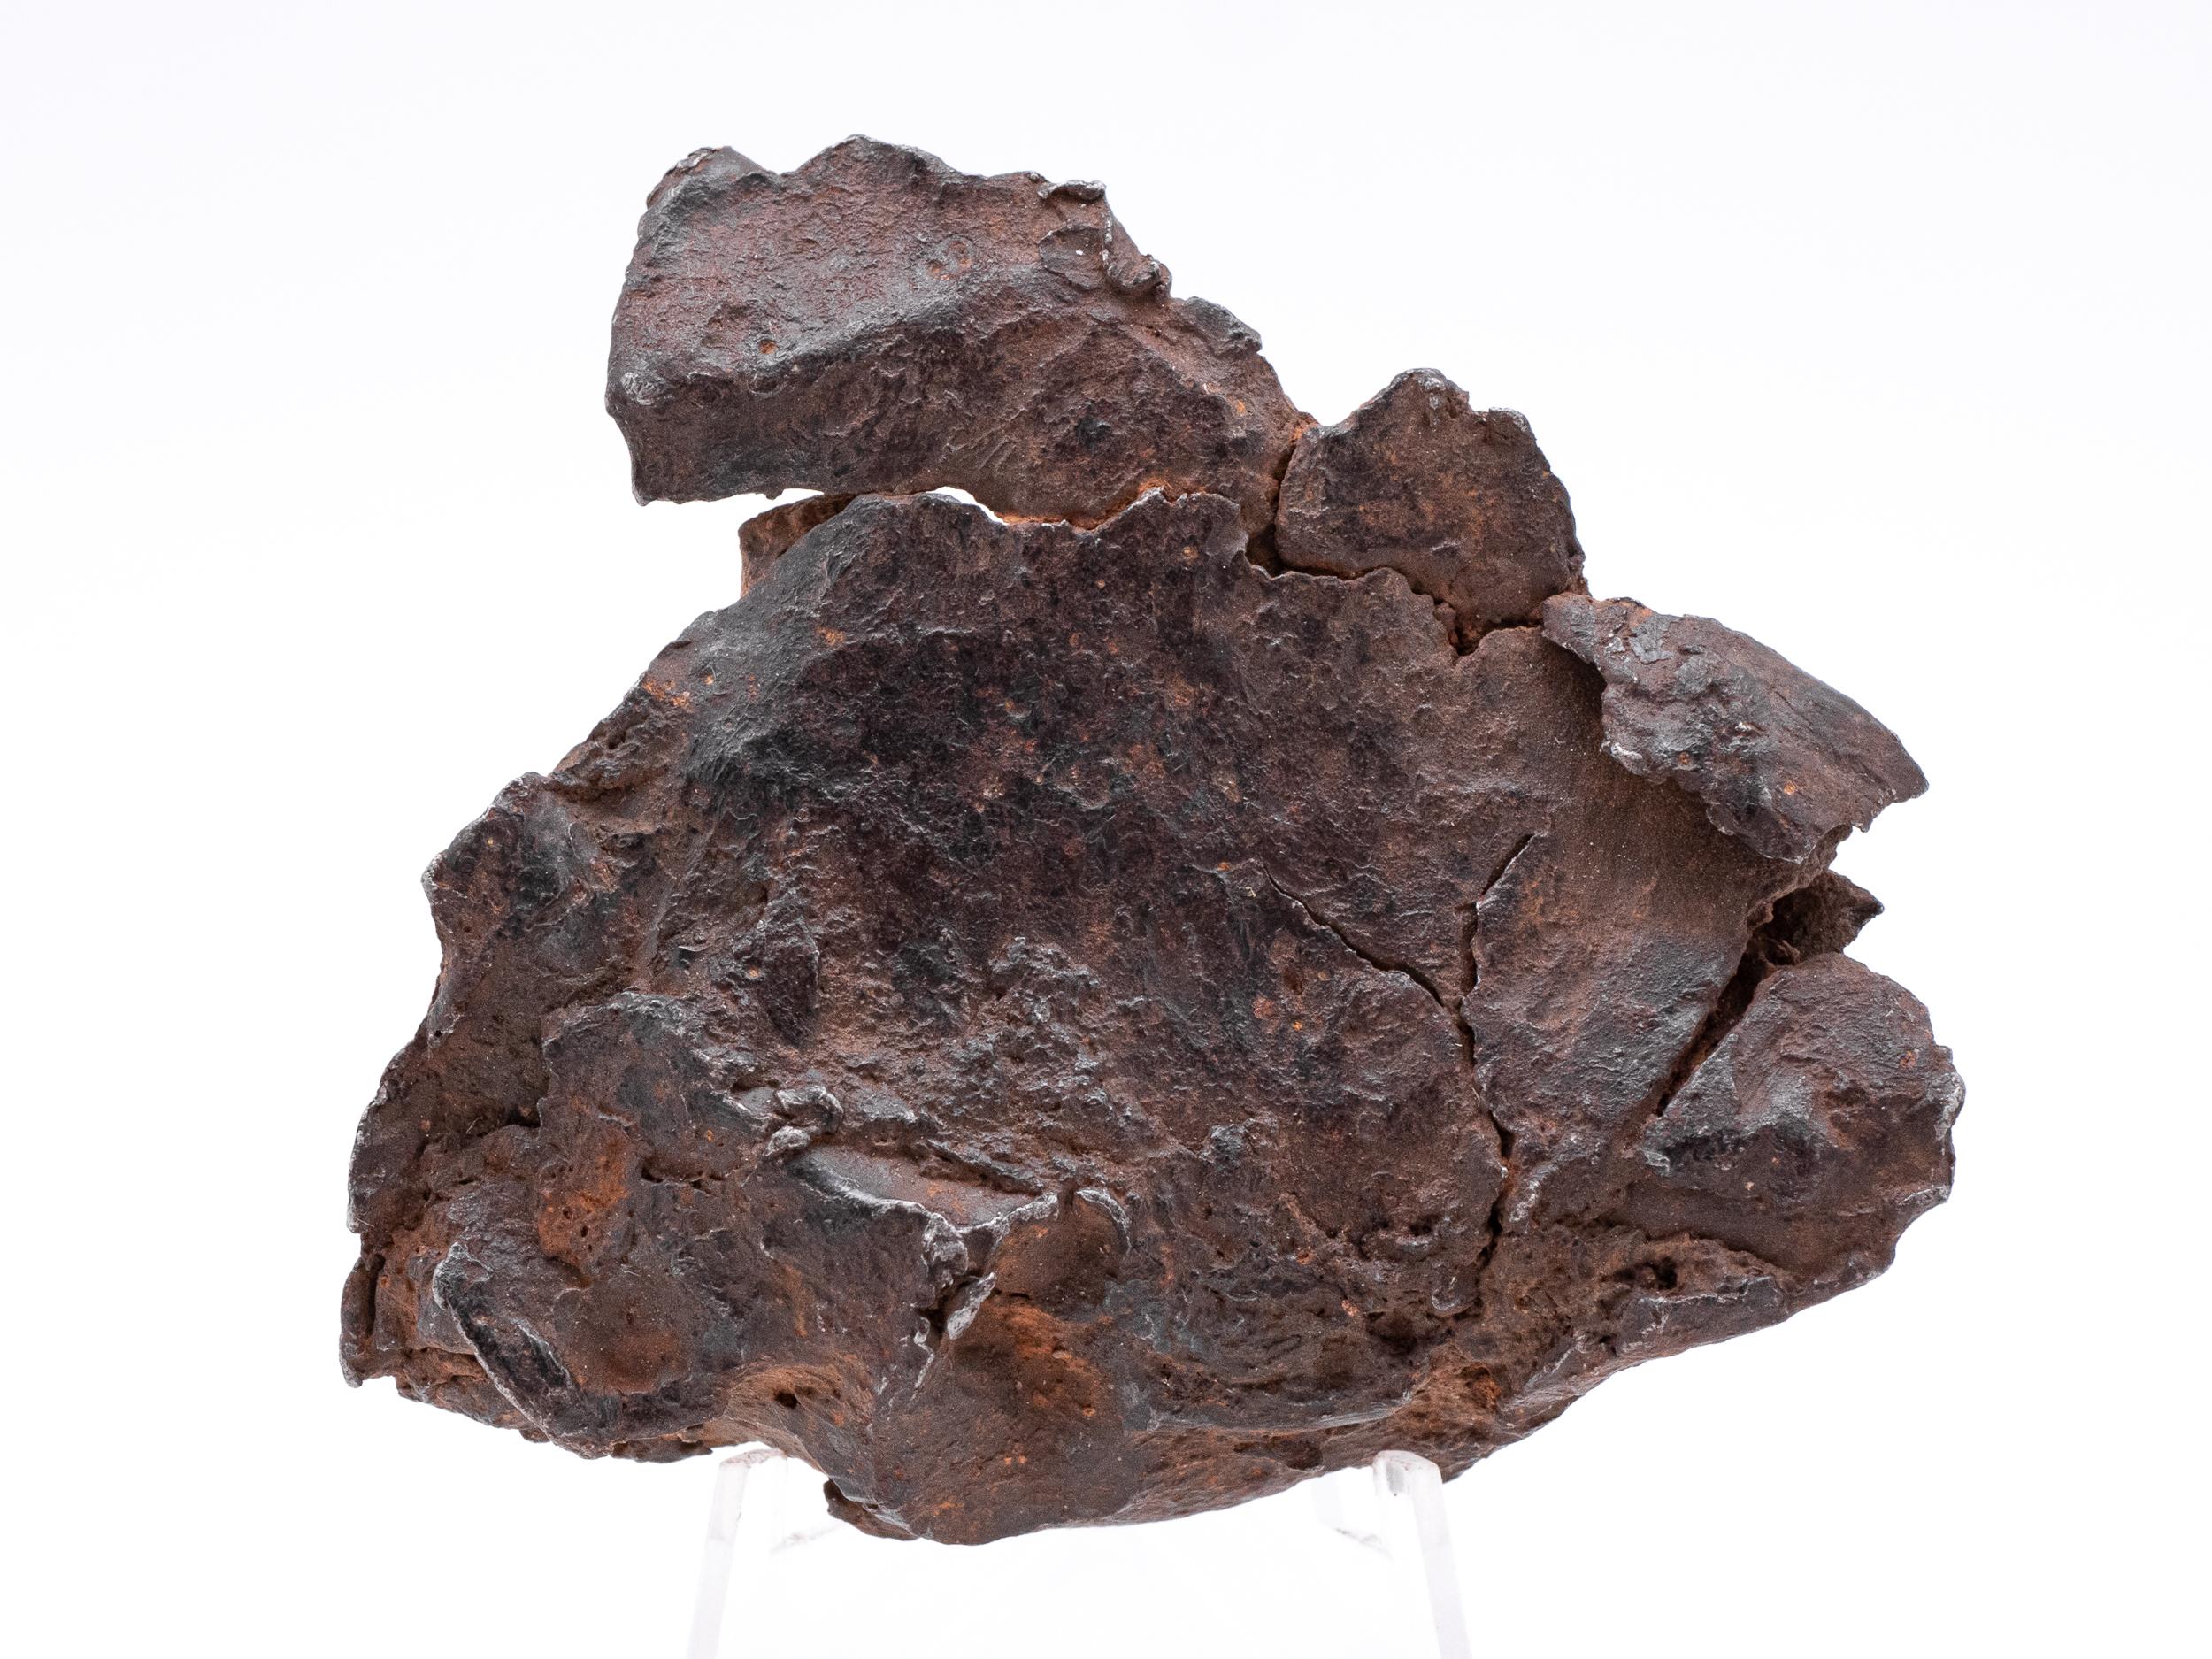 sikhote alin 193 g